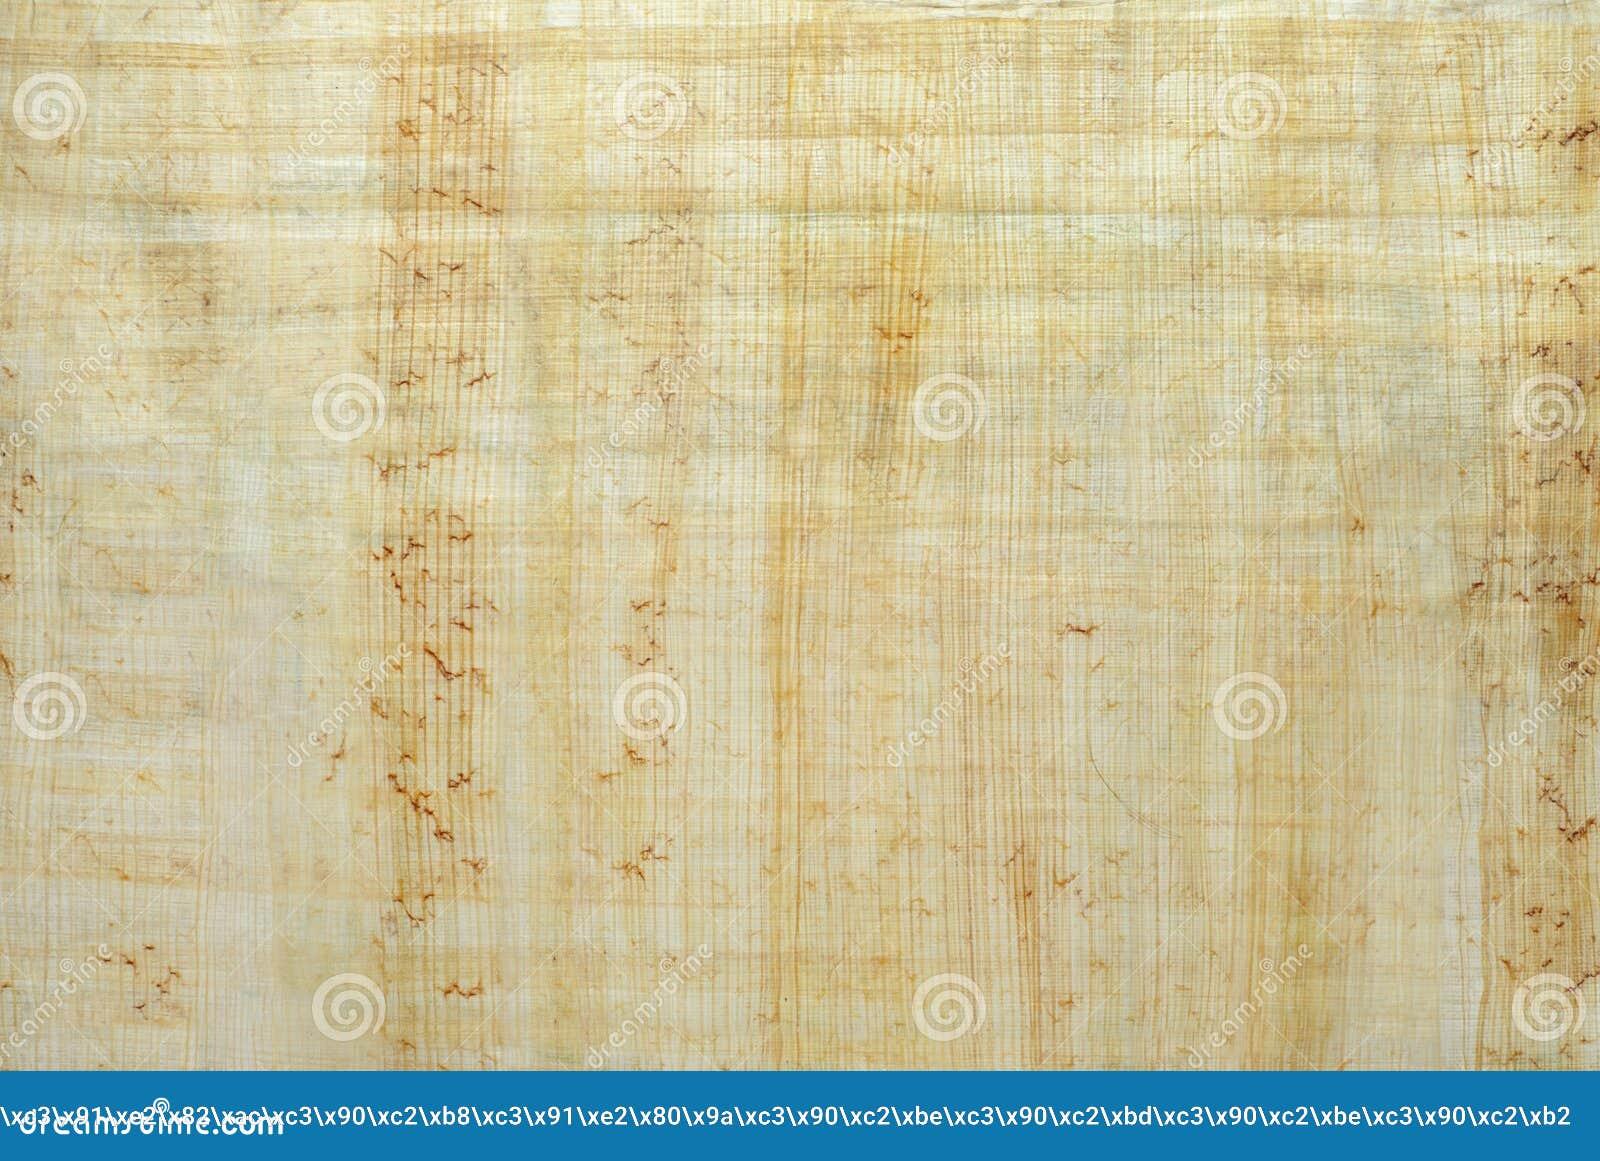 Fundo, textura: superfície do papiro egípcio natural